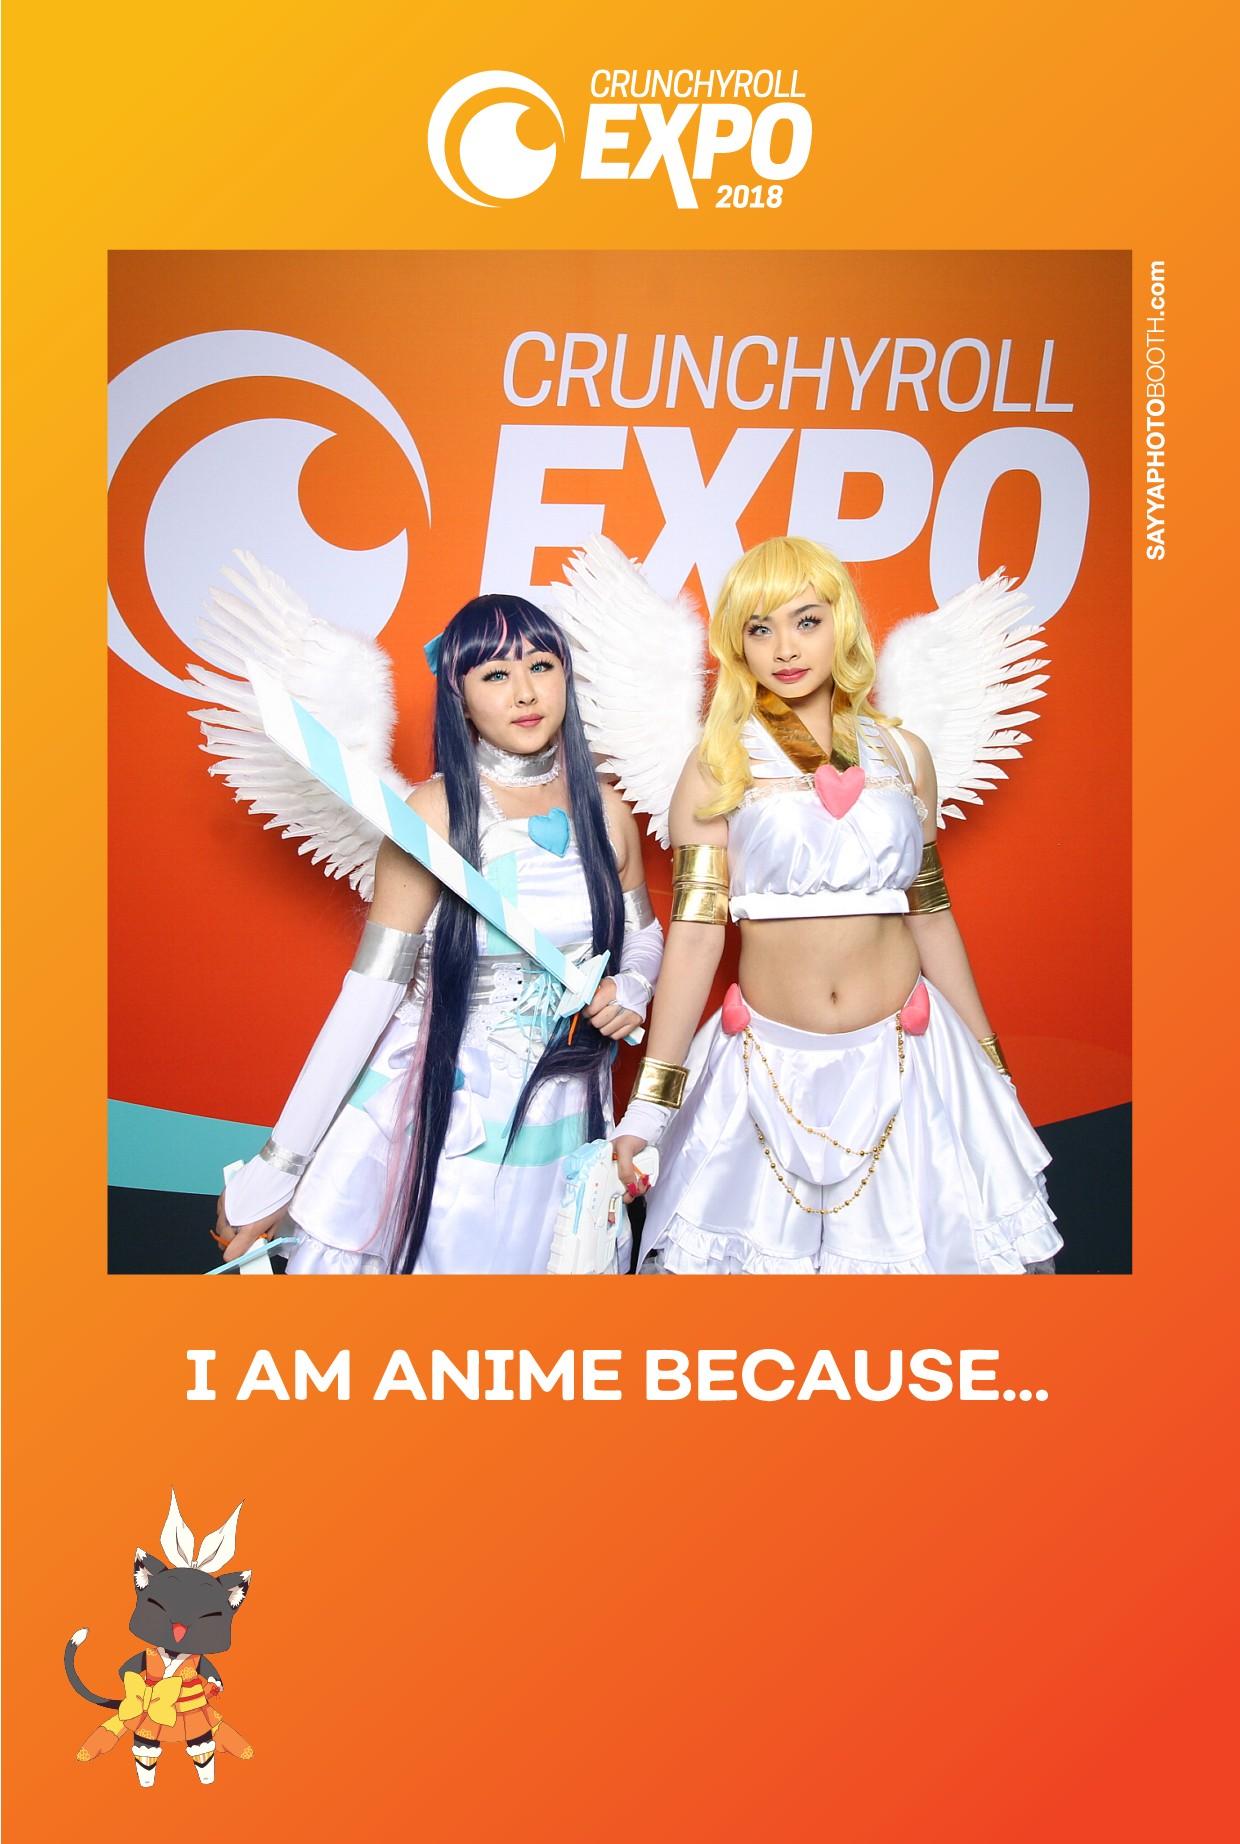 Crunchyroll Expo 9-3